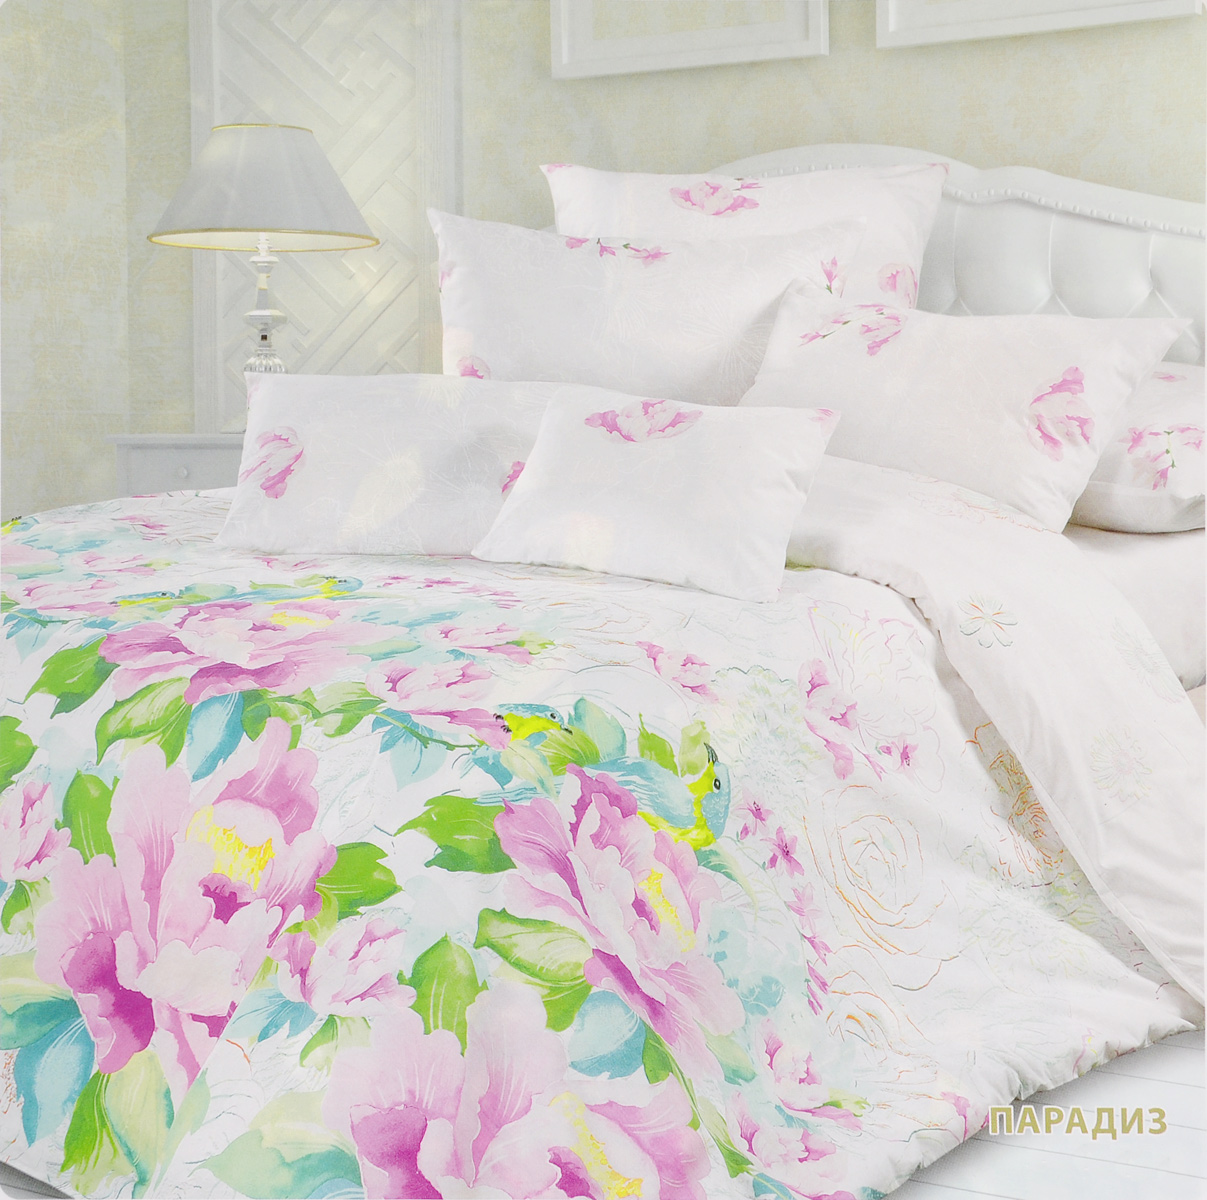 Комплект белья Унисон Парадиз, евро, наволочки 70х70, цвет: белый, розовый, зеленыйCA-3505Комплект постельного белья Унисон Парадиз состоит из пододеяльника, простыни и двух наволочек. Постельное белье оформлено оригинальным ярким изображением цветов. Такой дизайн придется по душе каждому.Белье изготовлено из новой ткани Биоматин, отвечающей всем необходимым нормативным стандартам. Биоматин - это тканьполотняного переплетения, из экологически чистого и натурального 100% хлопка. Неоспоримым плюсом белья из такой ткани является мягкостьи легкость, она прекрасно пропускает воздух, приятна на ощупь и за ней легко ухаживать. При соблюдении рекомендаций по уходу, это белье выдерживает много стирок, не линяети не теряет свою первоначальную прочность. Уникальная ткань обеспечивает легкую глажку.Приобретая комплект постельного белья Унисон Парадиз, вы можете быть уверенны в том, что покупка доставит вам ивашим близким удовольствие и подарит максимальный комфорт.